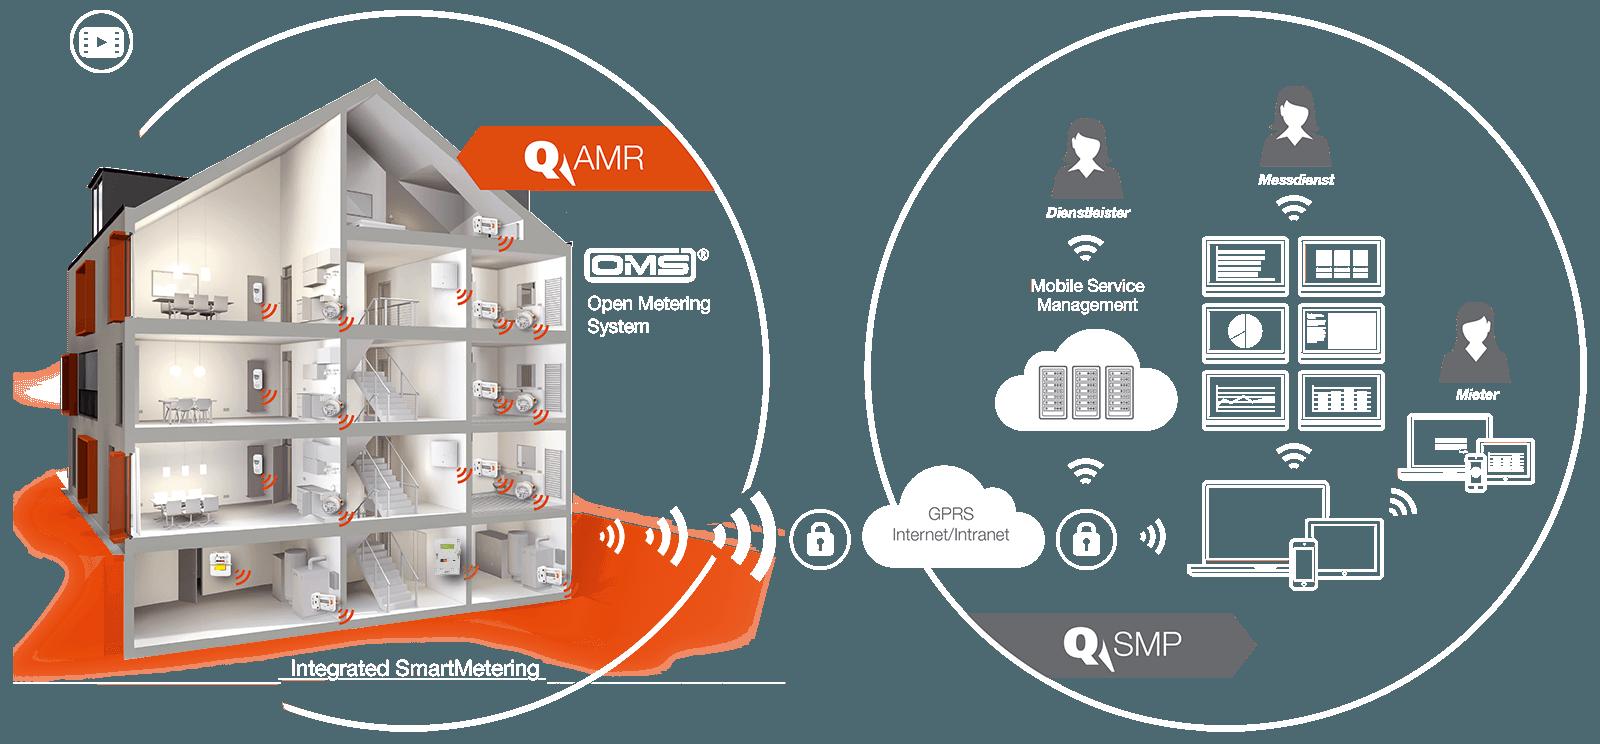 Grafik_System_AMR-SMP_de_orange